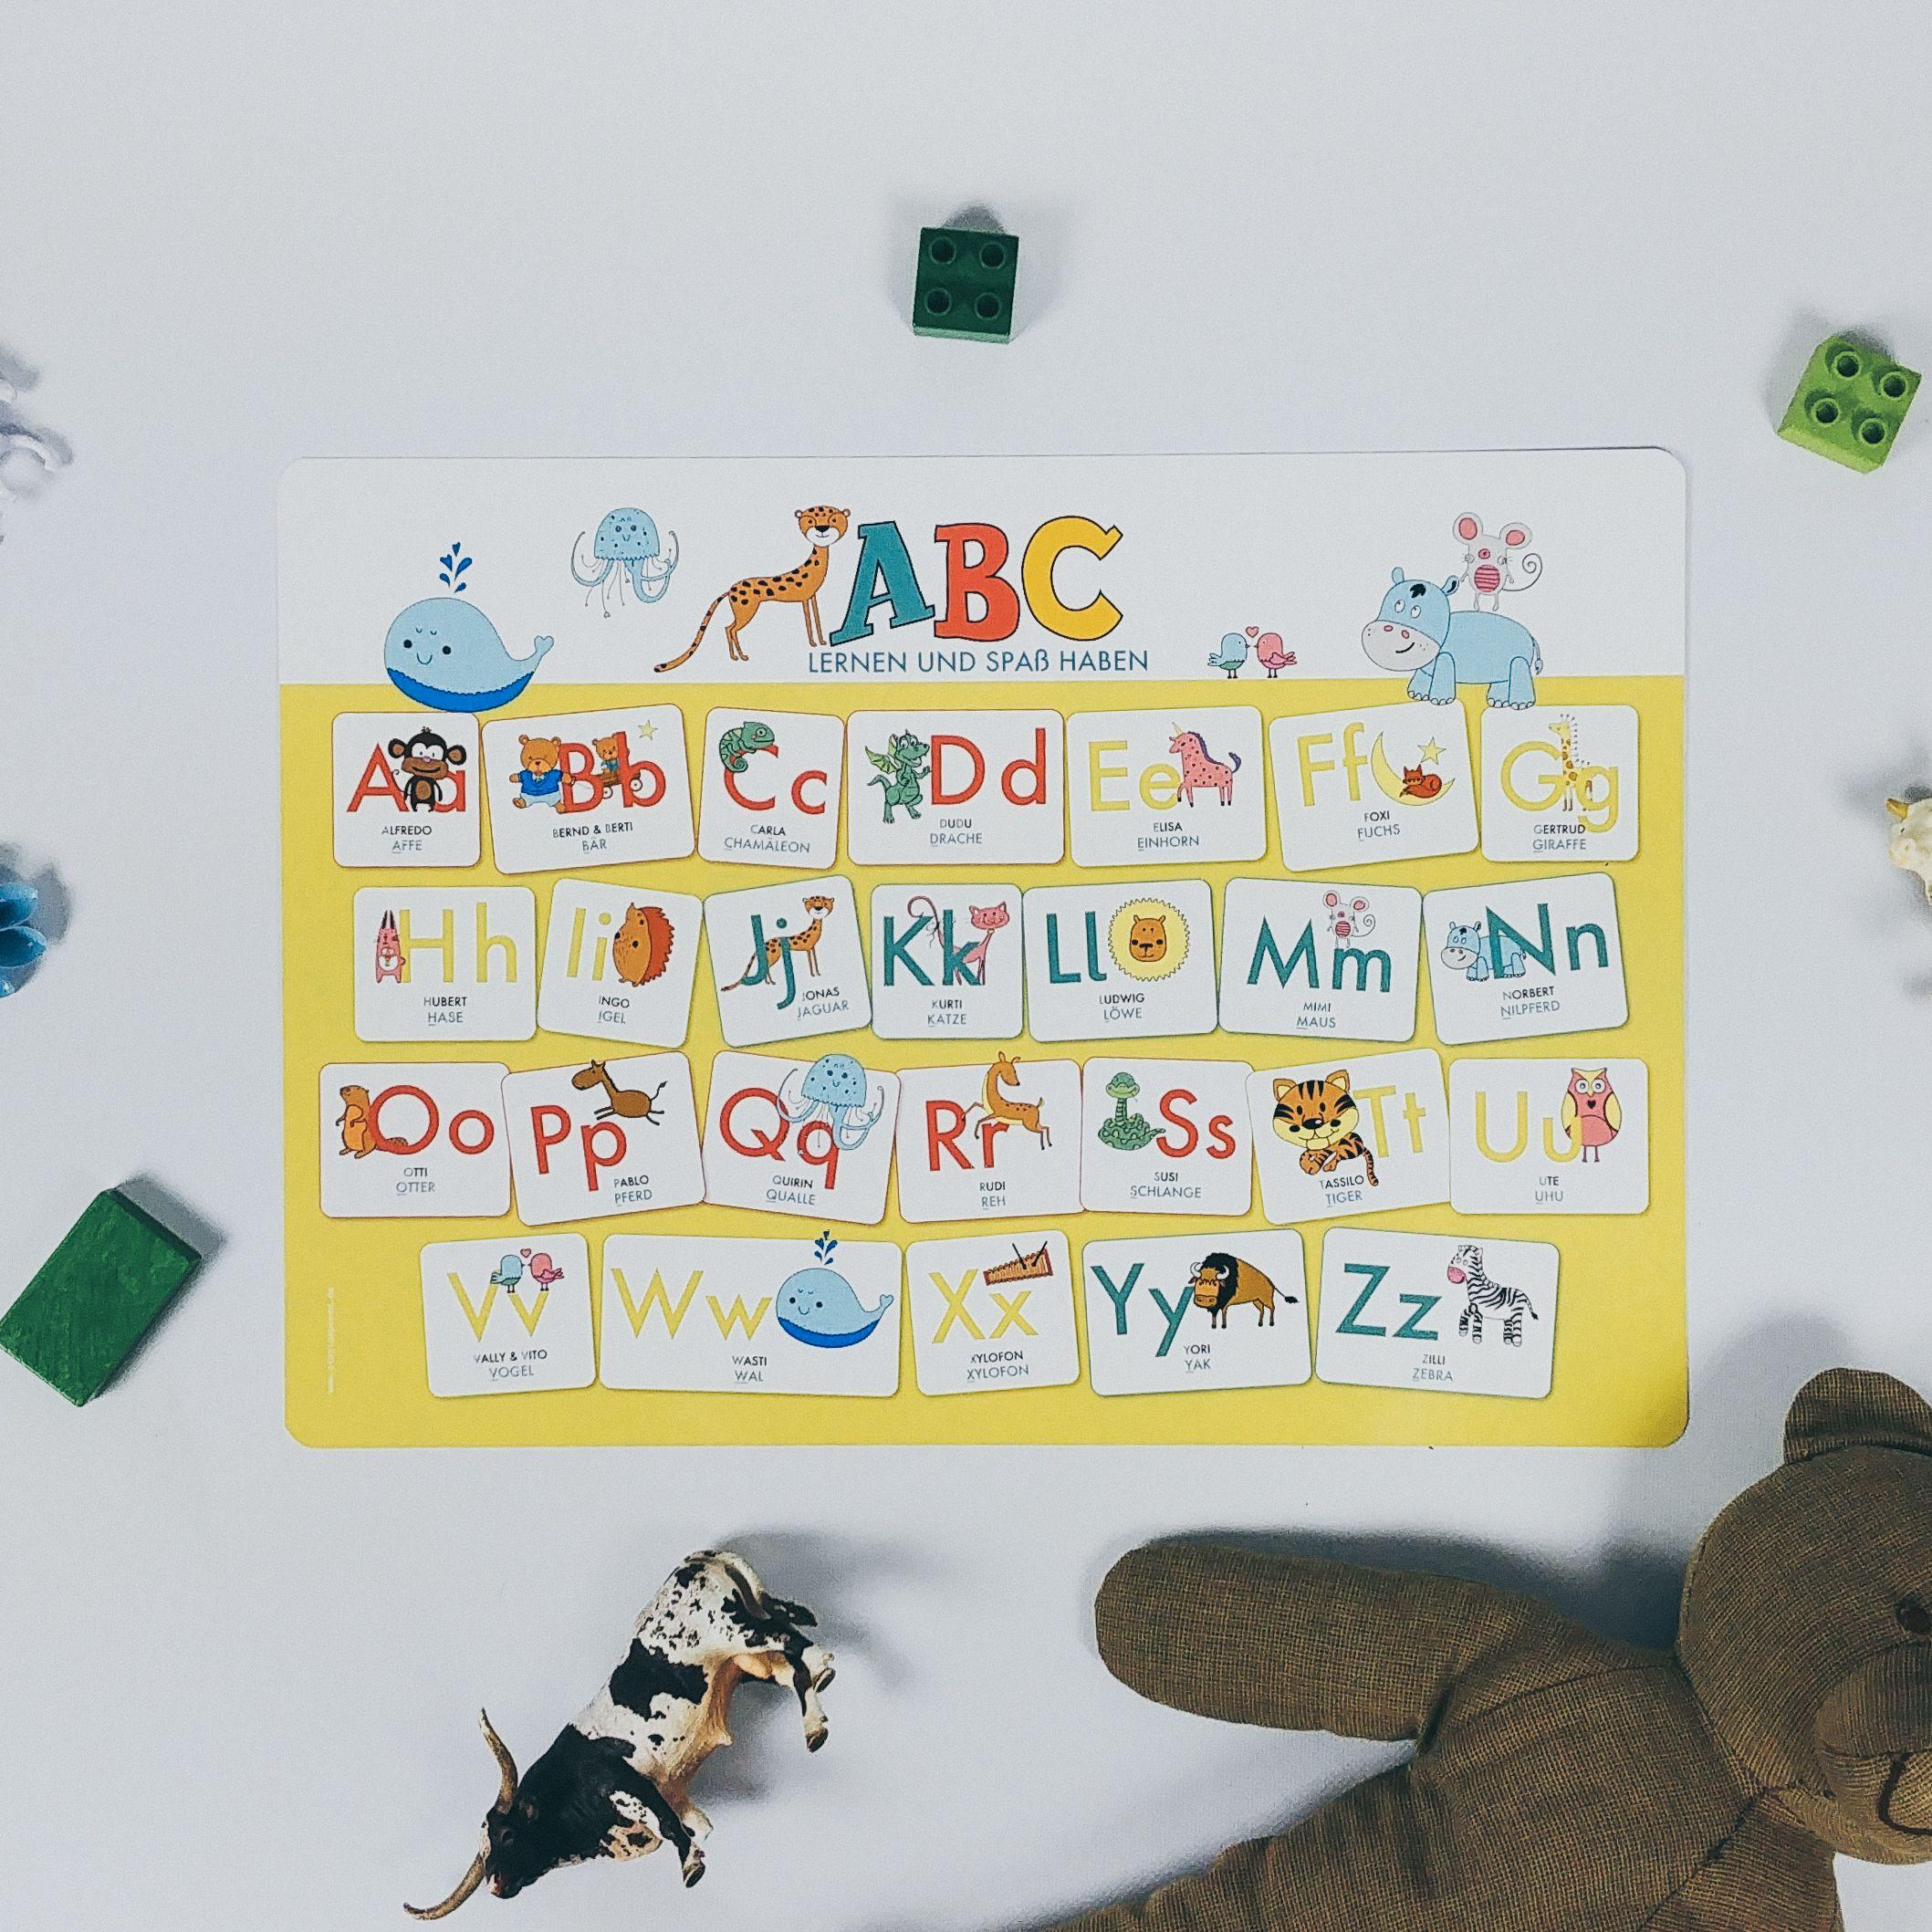 ABC lernen mit dem Mini Poster, Tischset, Schreibtischunterlage ...